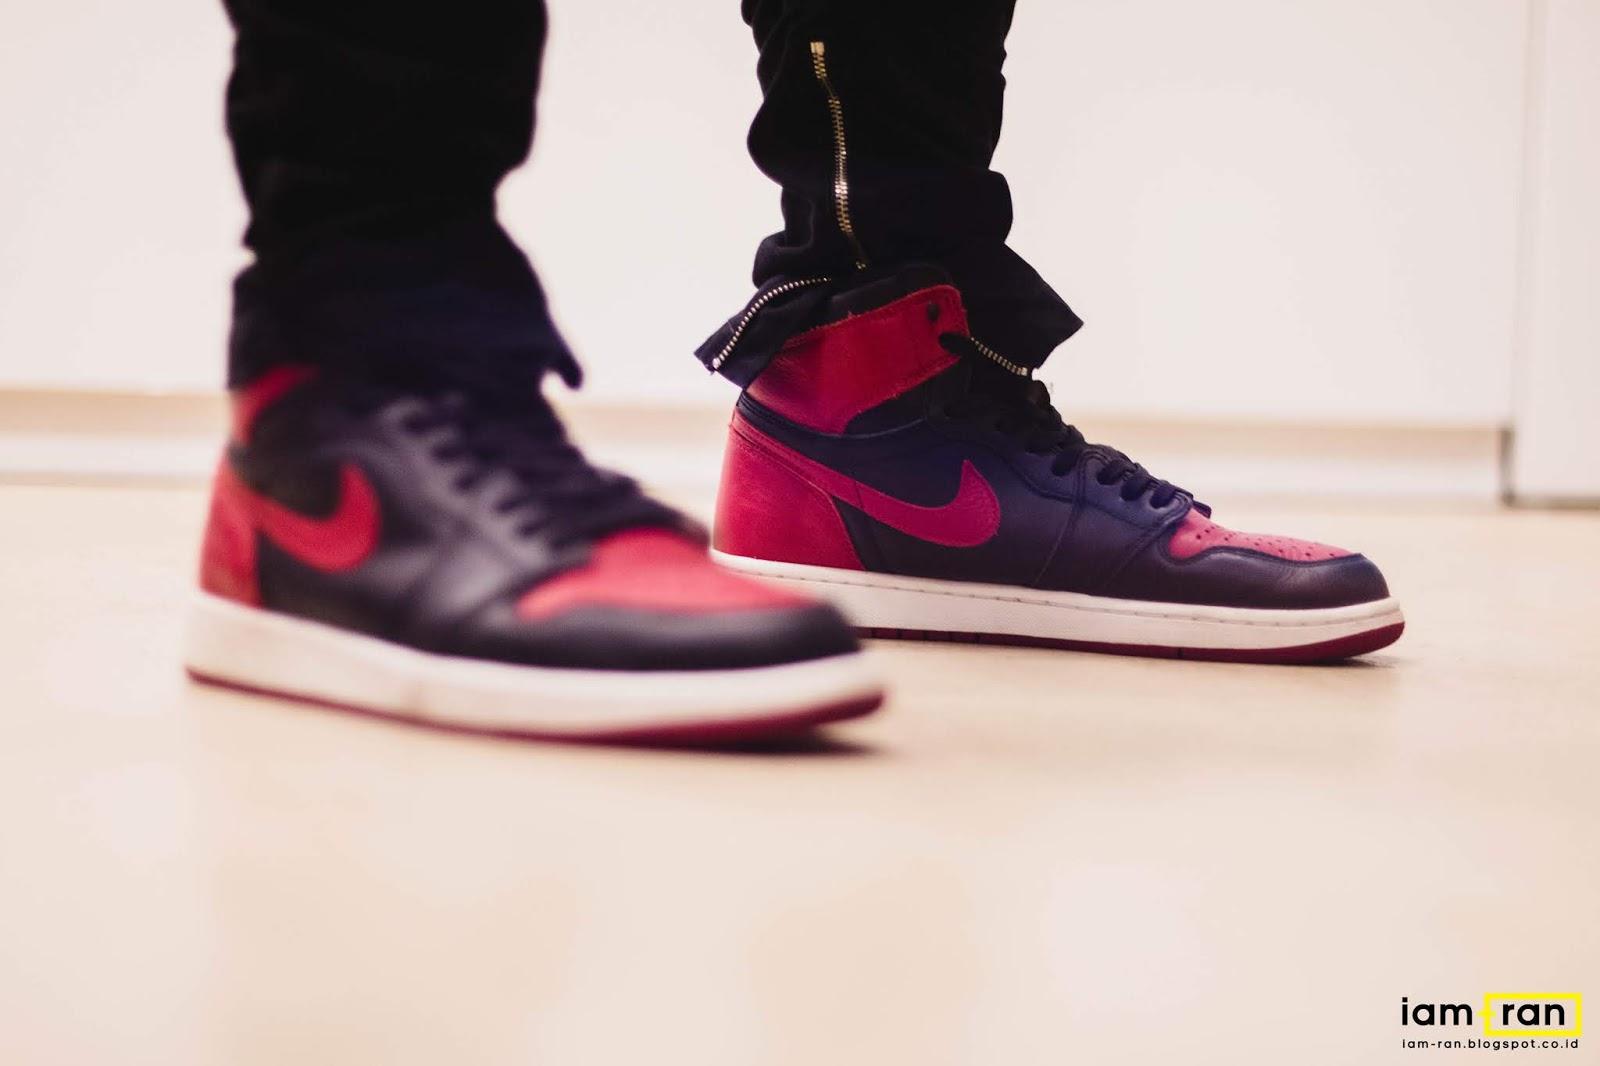 5cec80249f0 IAM-RAN: ON FEET : Rama Kiram - Nike Air Jordan 1